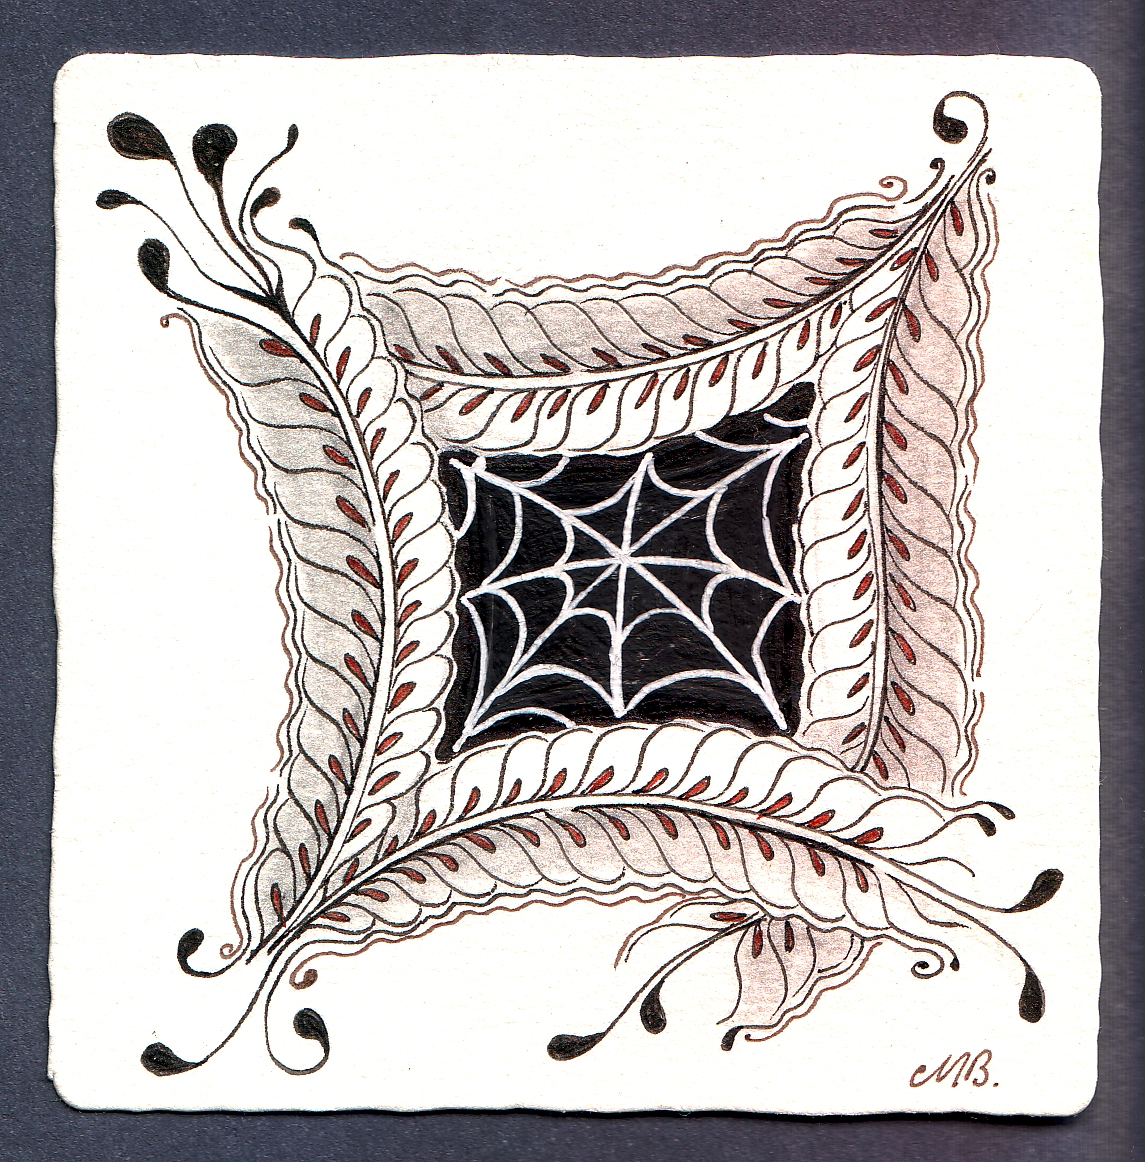 http://4.bp.blogspot.com/-WY531H0Y2Sk/UWSpIIXy_-I/AAAAAAAACsw/YmBDlwAi5aQ/s1600/Hip+to+be+square+3.jpg